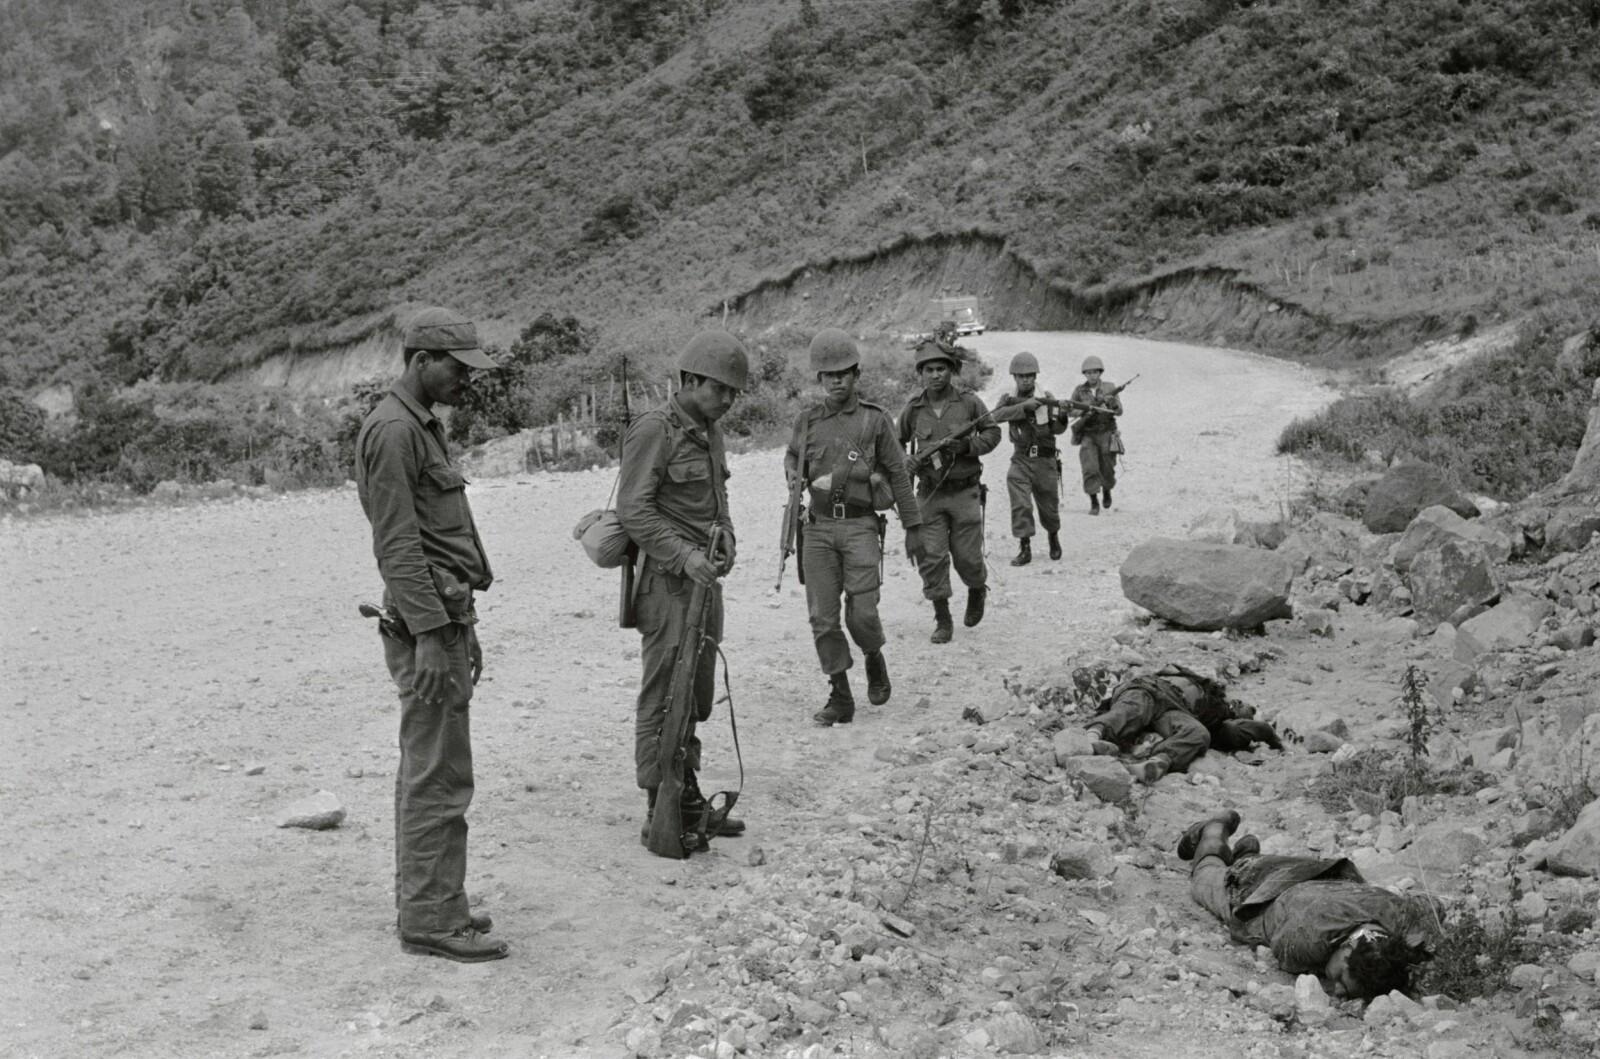 <b>DØDENS GRØFT:</b> Honduranske soldater kikker på falne fiender fra El Salvadors hær etter en trefning under den såkalte Fotballkrigen for 50 år siden.